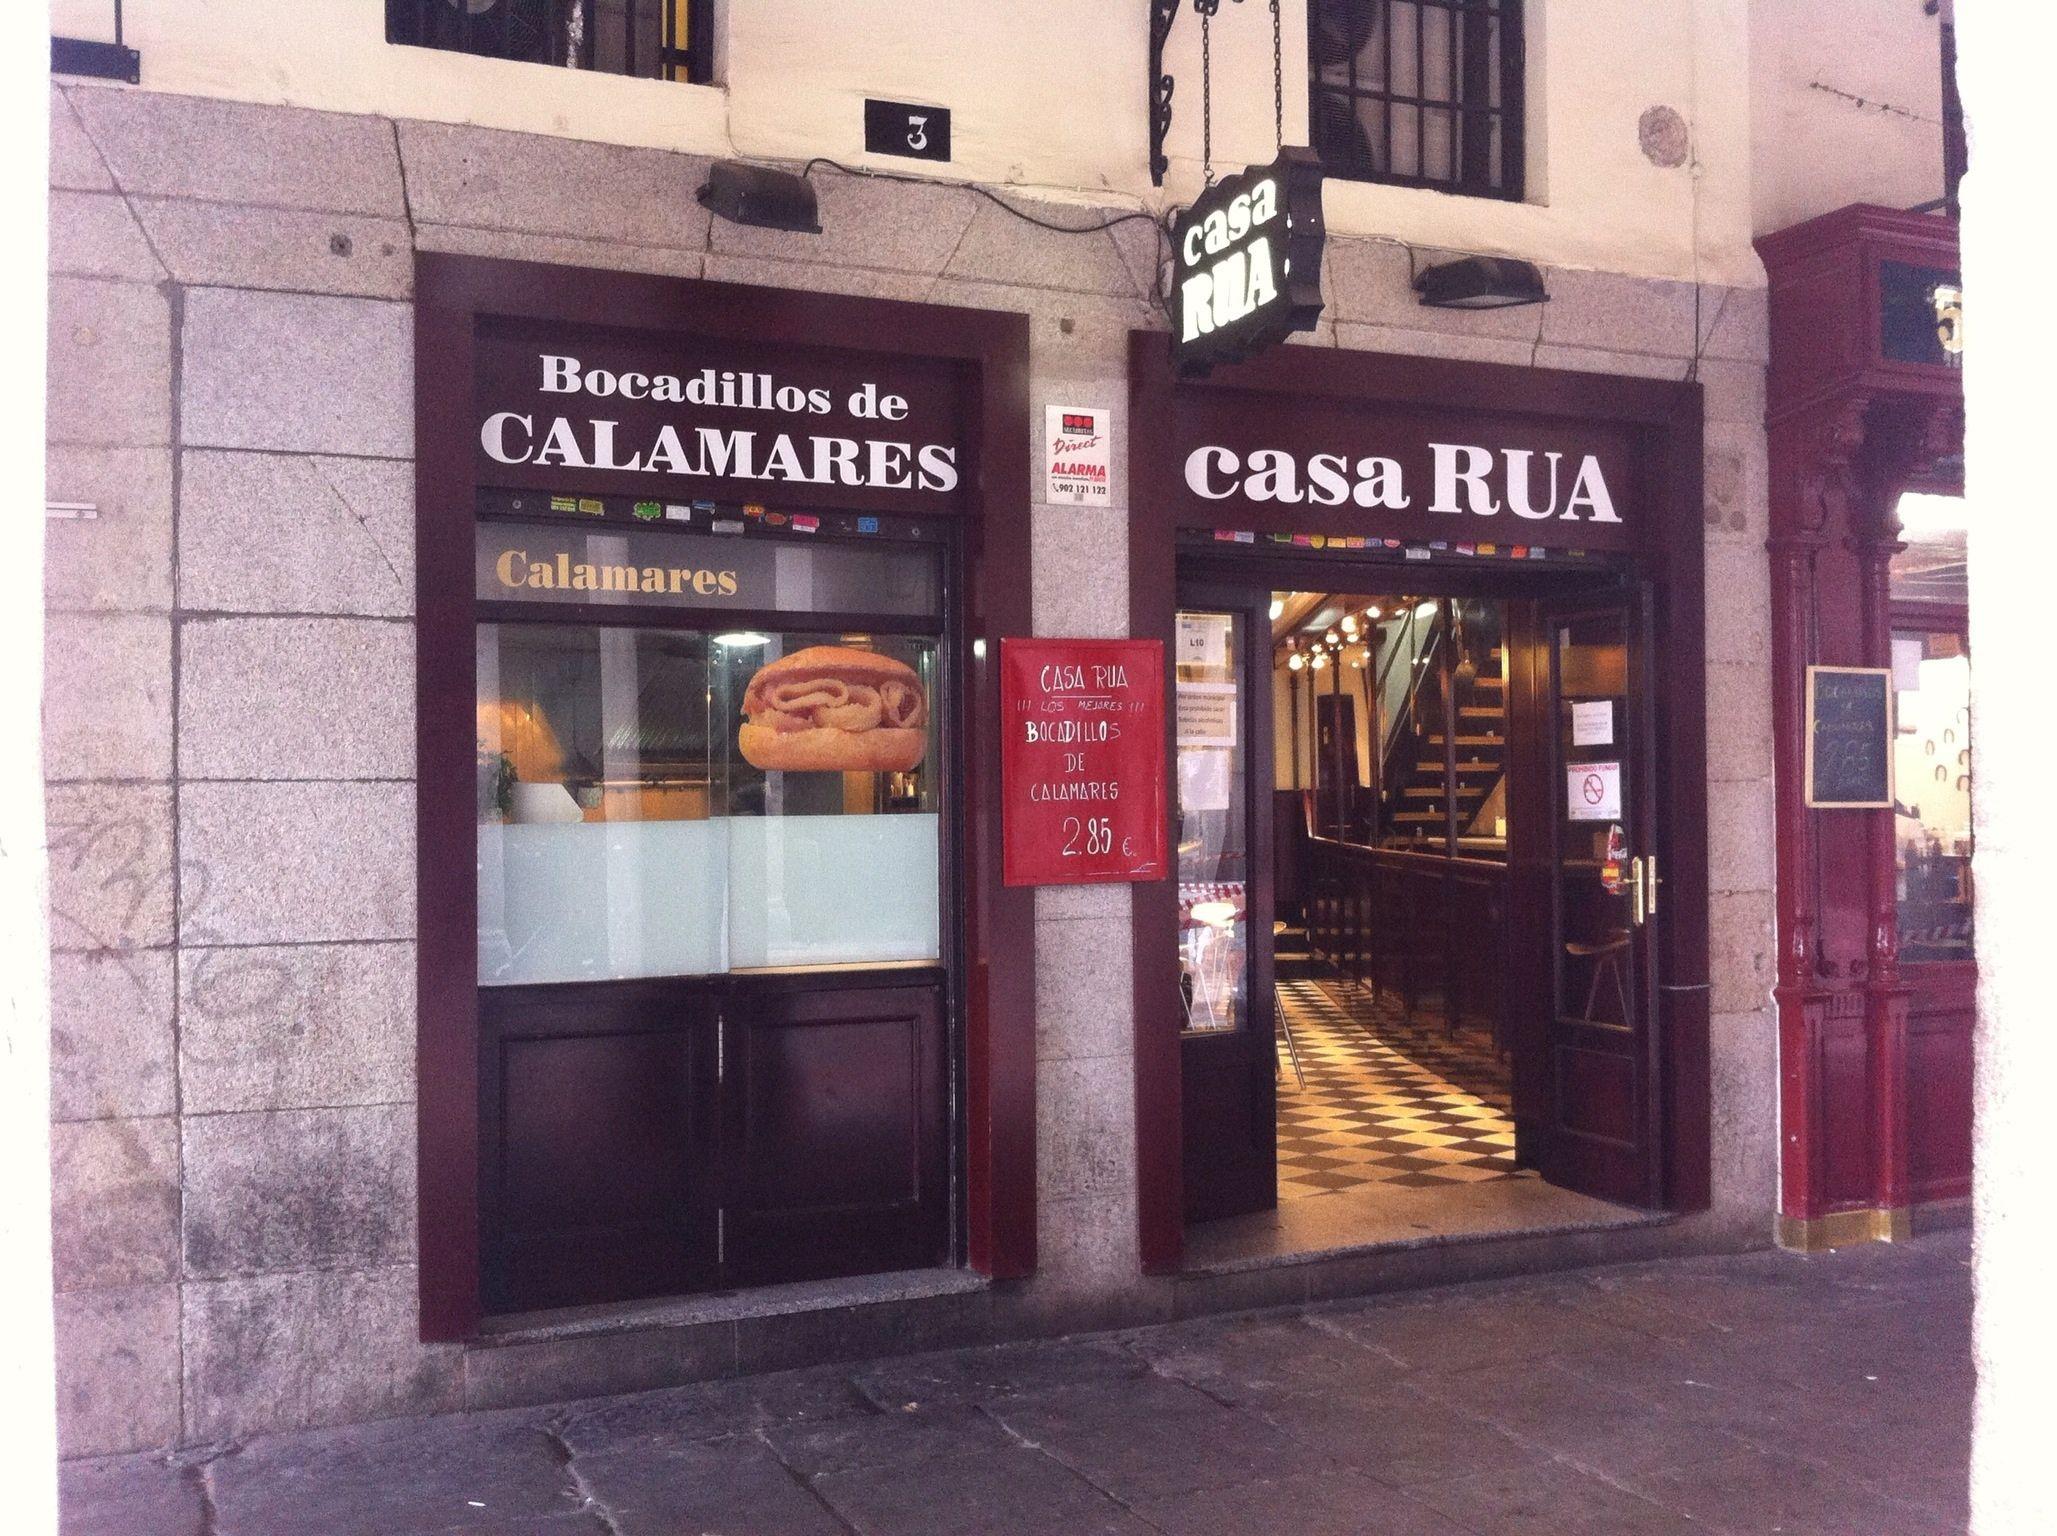 Casa Rua. Situado en la C/Ciudad Rodrigo 3 junto Plaza Mayor. Especialidad Bocadillos de Calamares